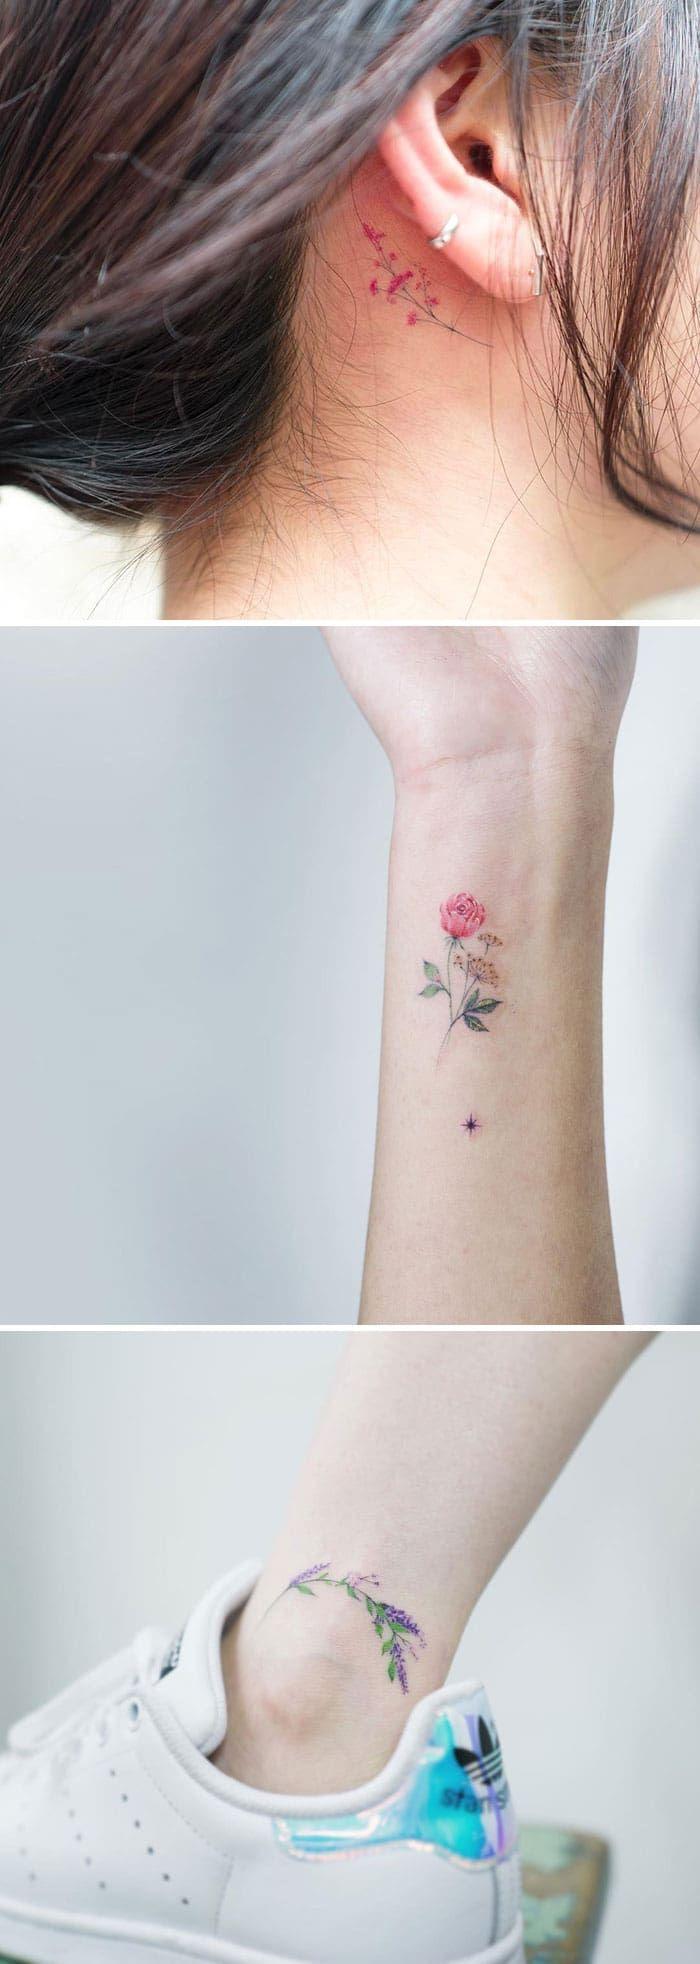 Ces tatouages de fleurs vont vous donner envie de vous faire tatouer - Sol